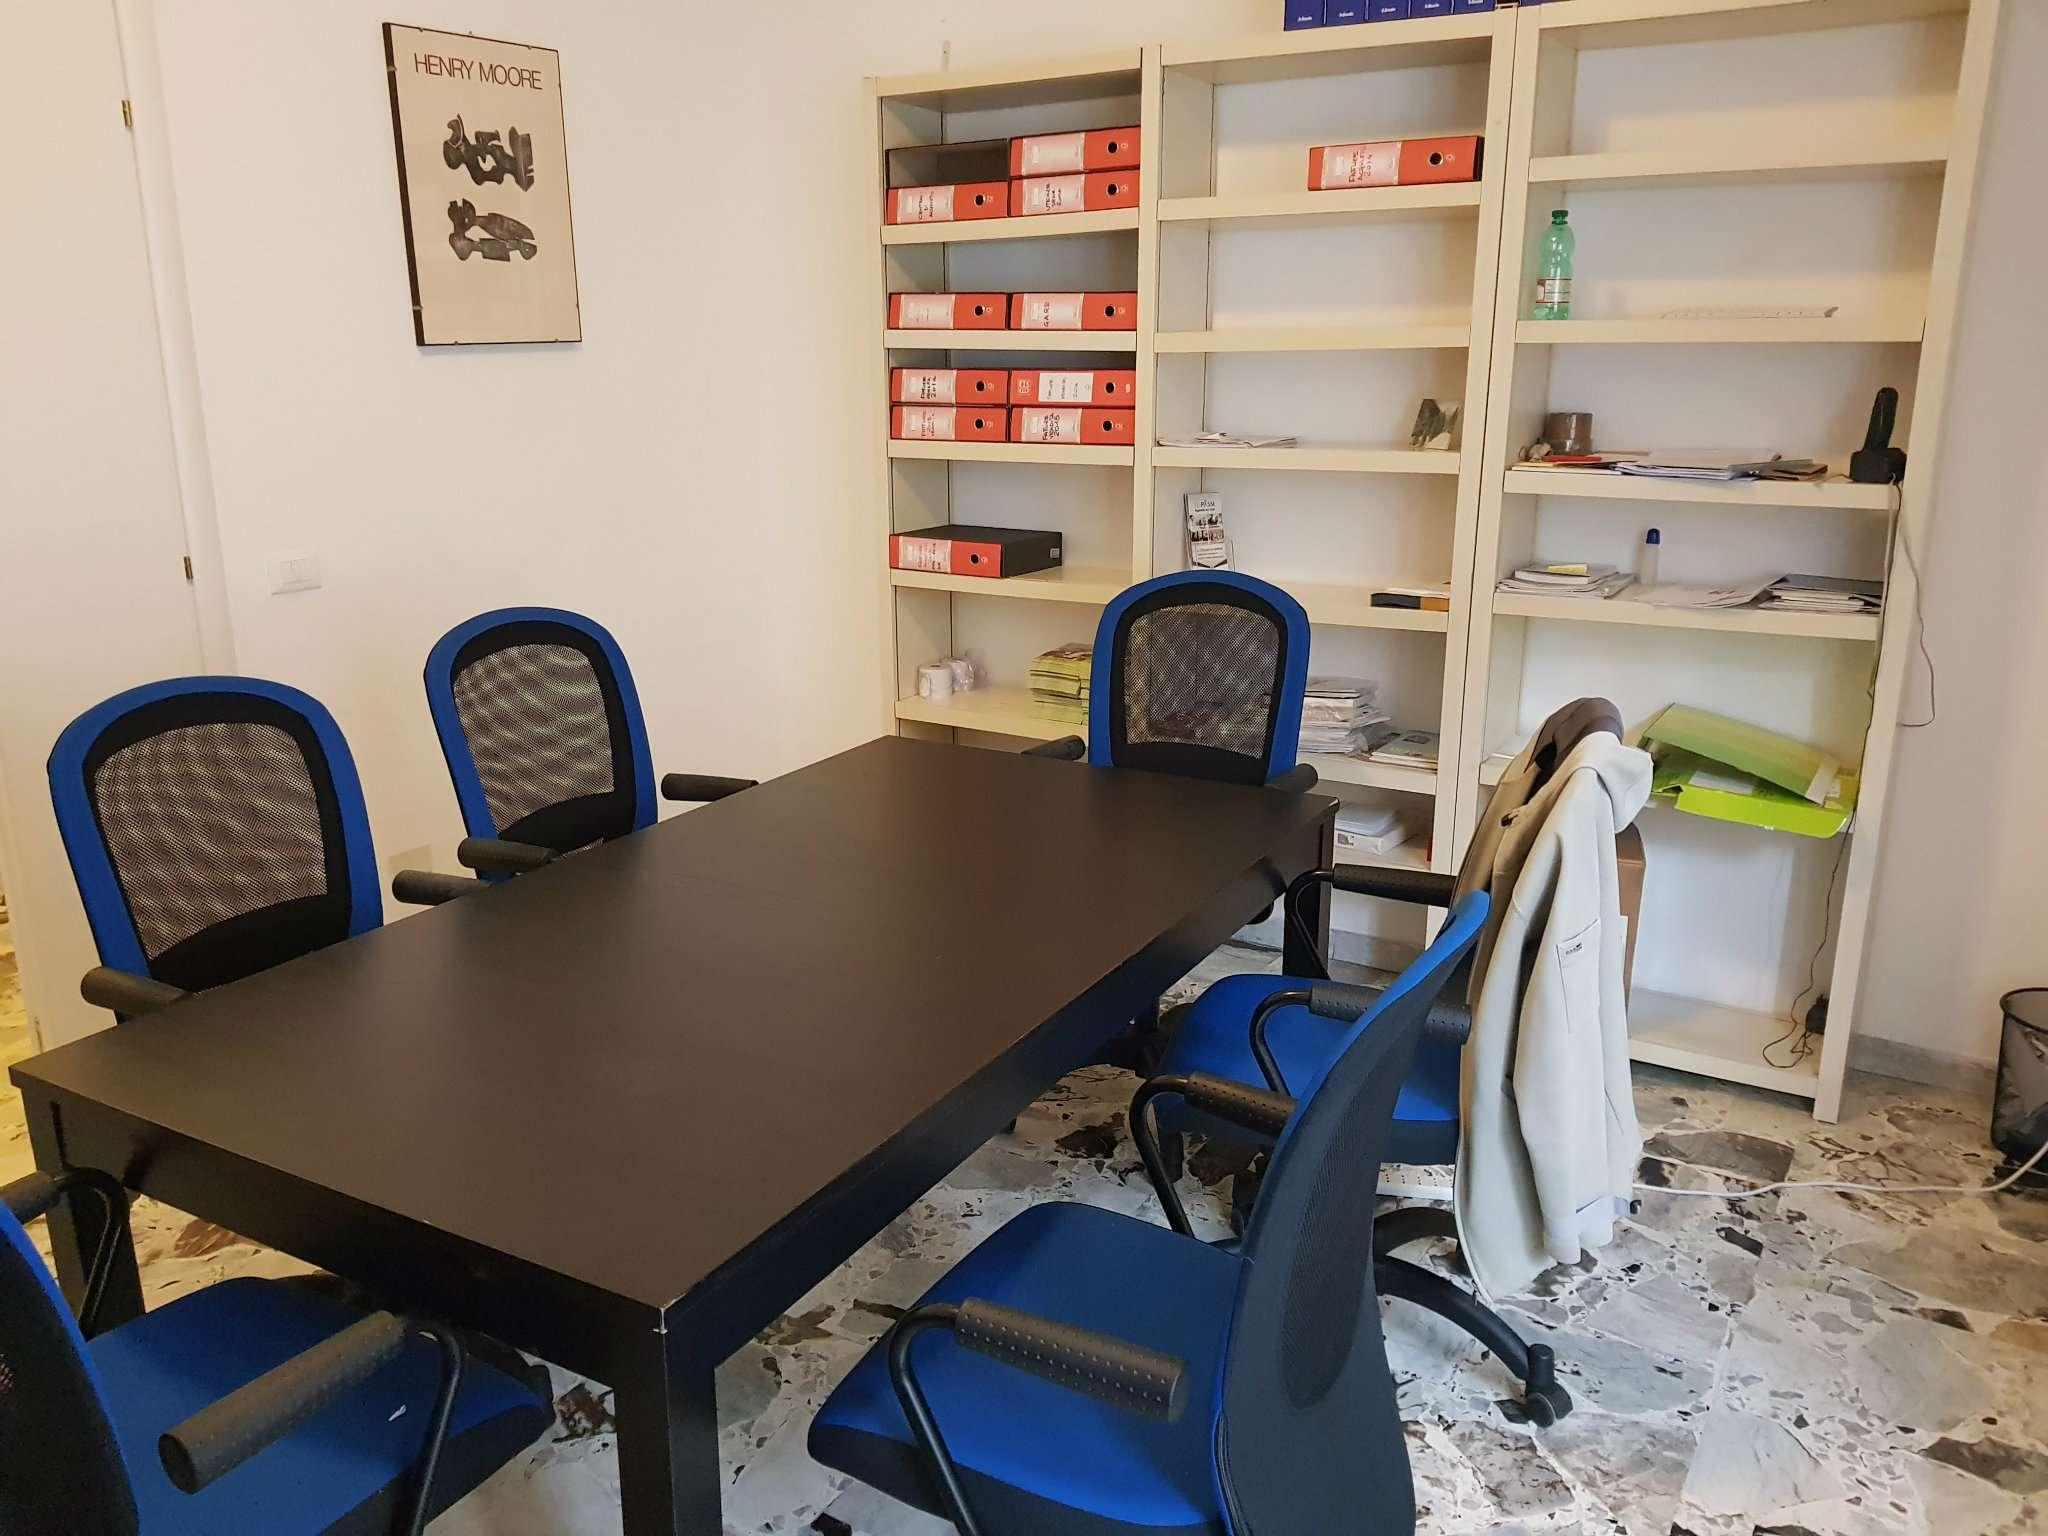 Roma zona 19 colombo garbatella navigatori omboni pag for Affitto appartamento a10 roma